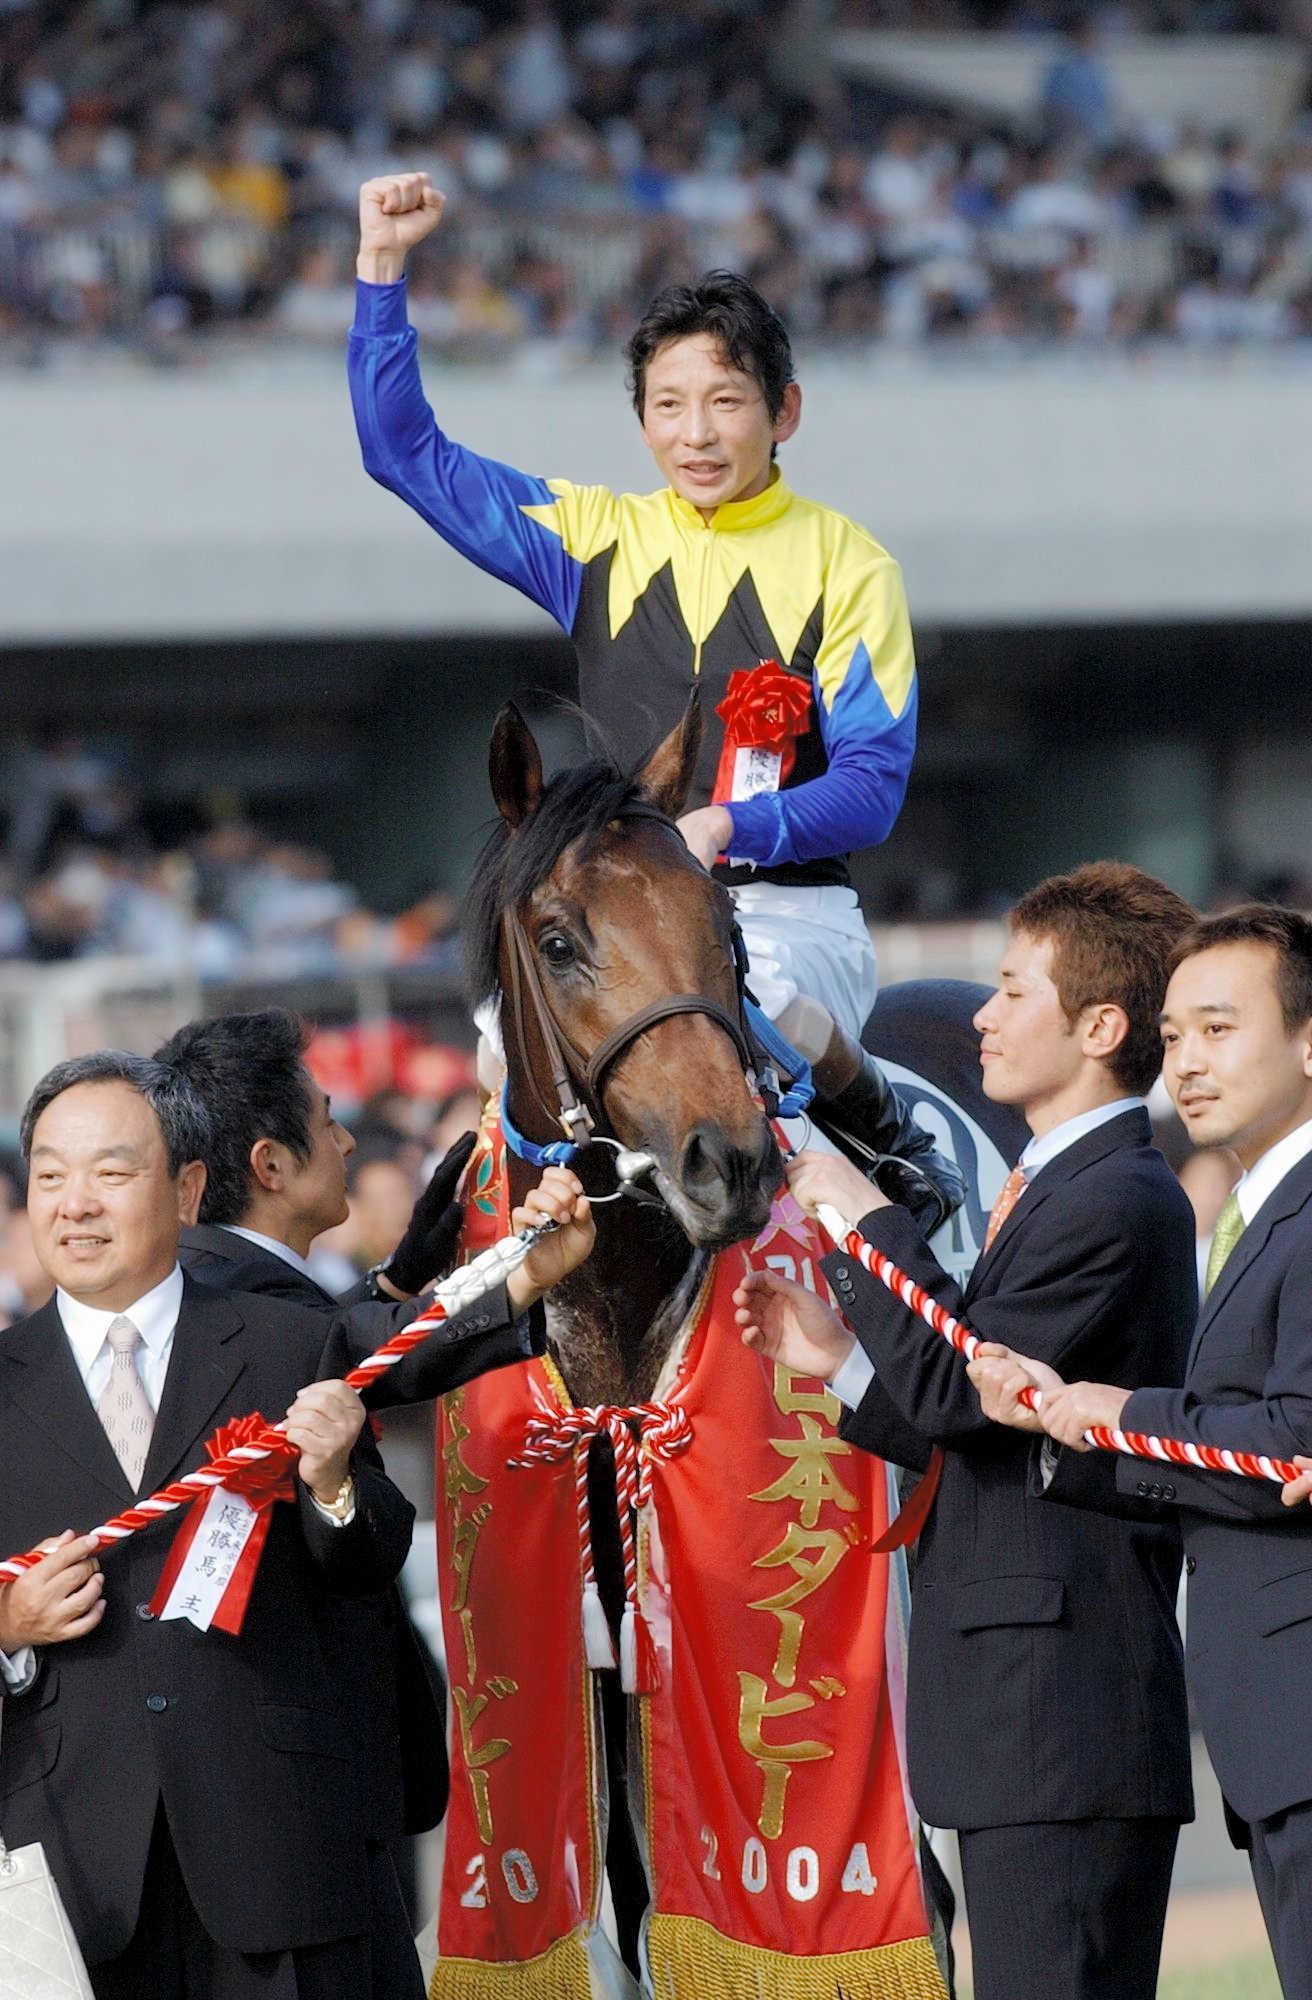 04年5月30日 日本ダービーを制したキングカメハメハと安藤勝己騎手